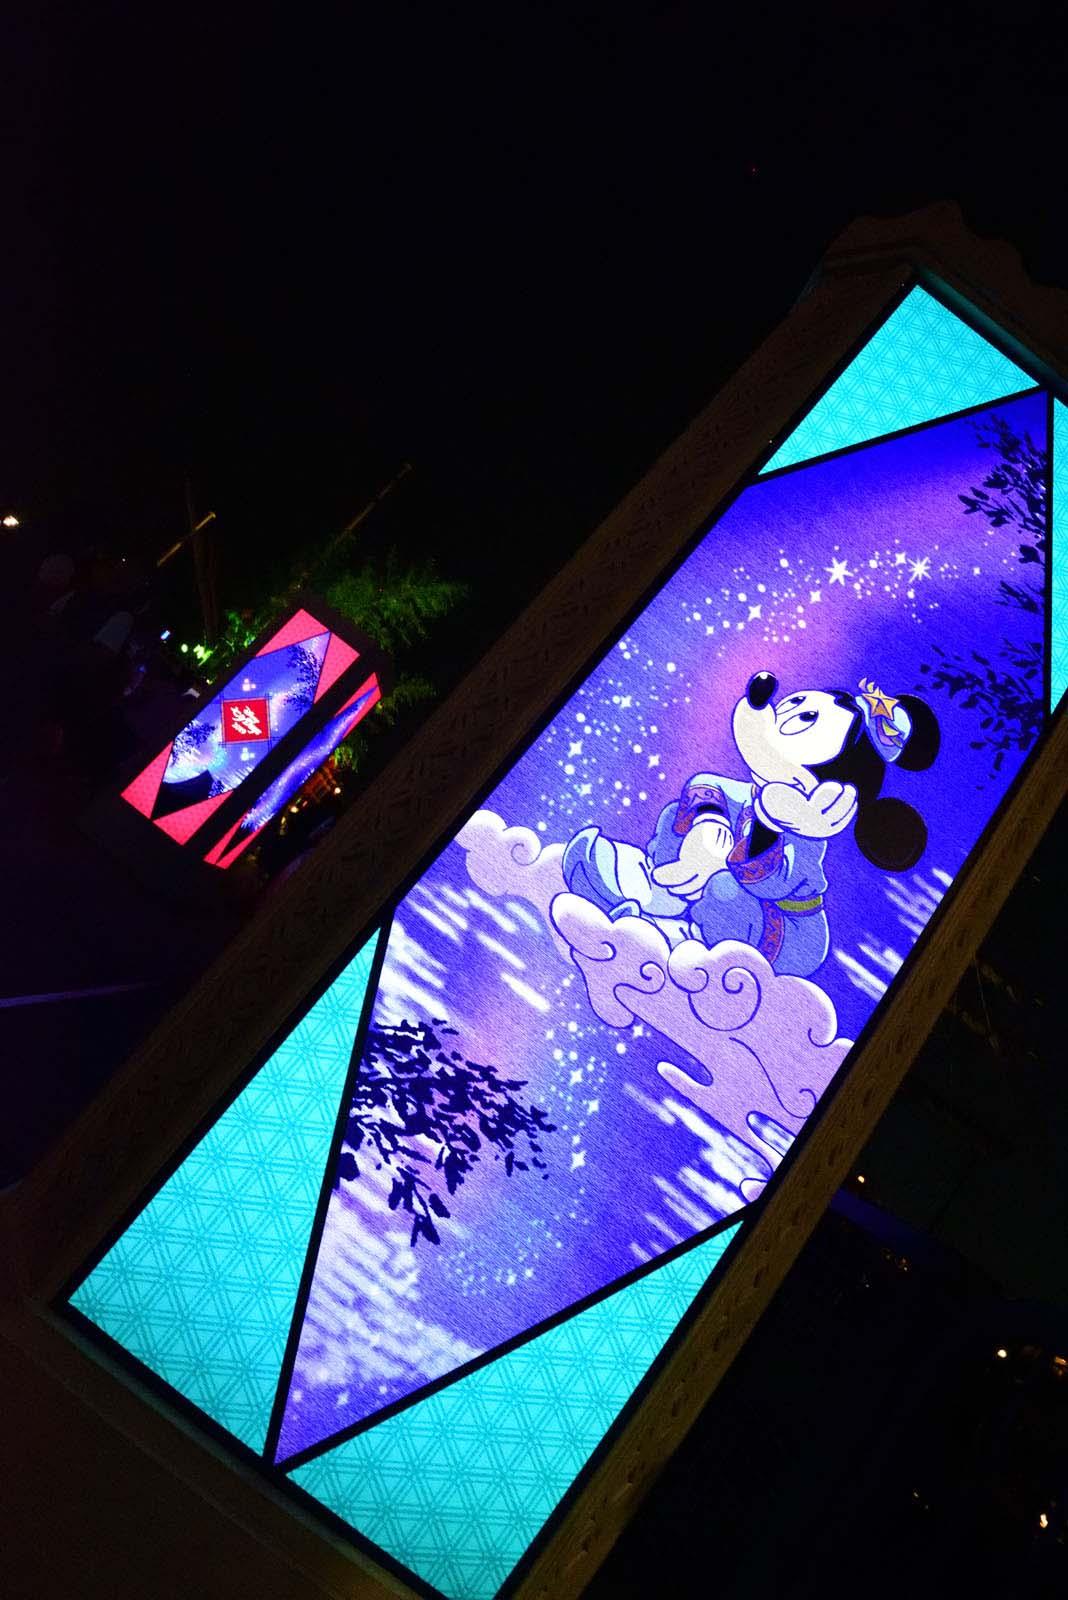 東京ディズニーシー ディズニー七夕デイズ2019 ウィッシングプレイス